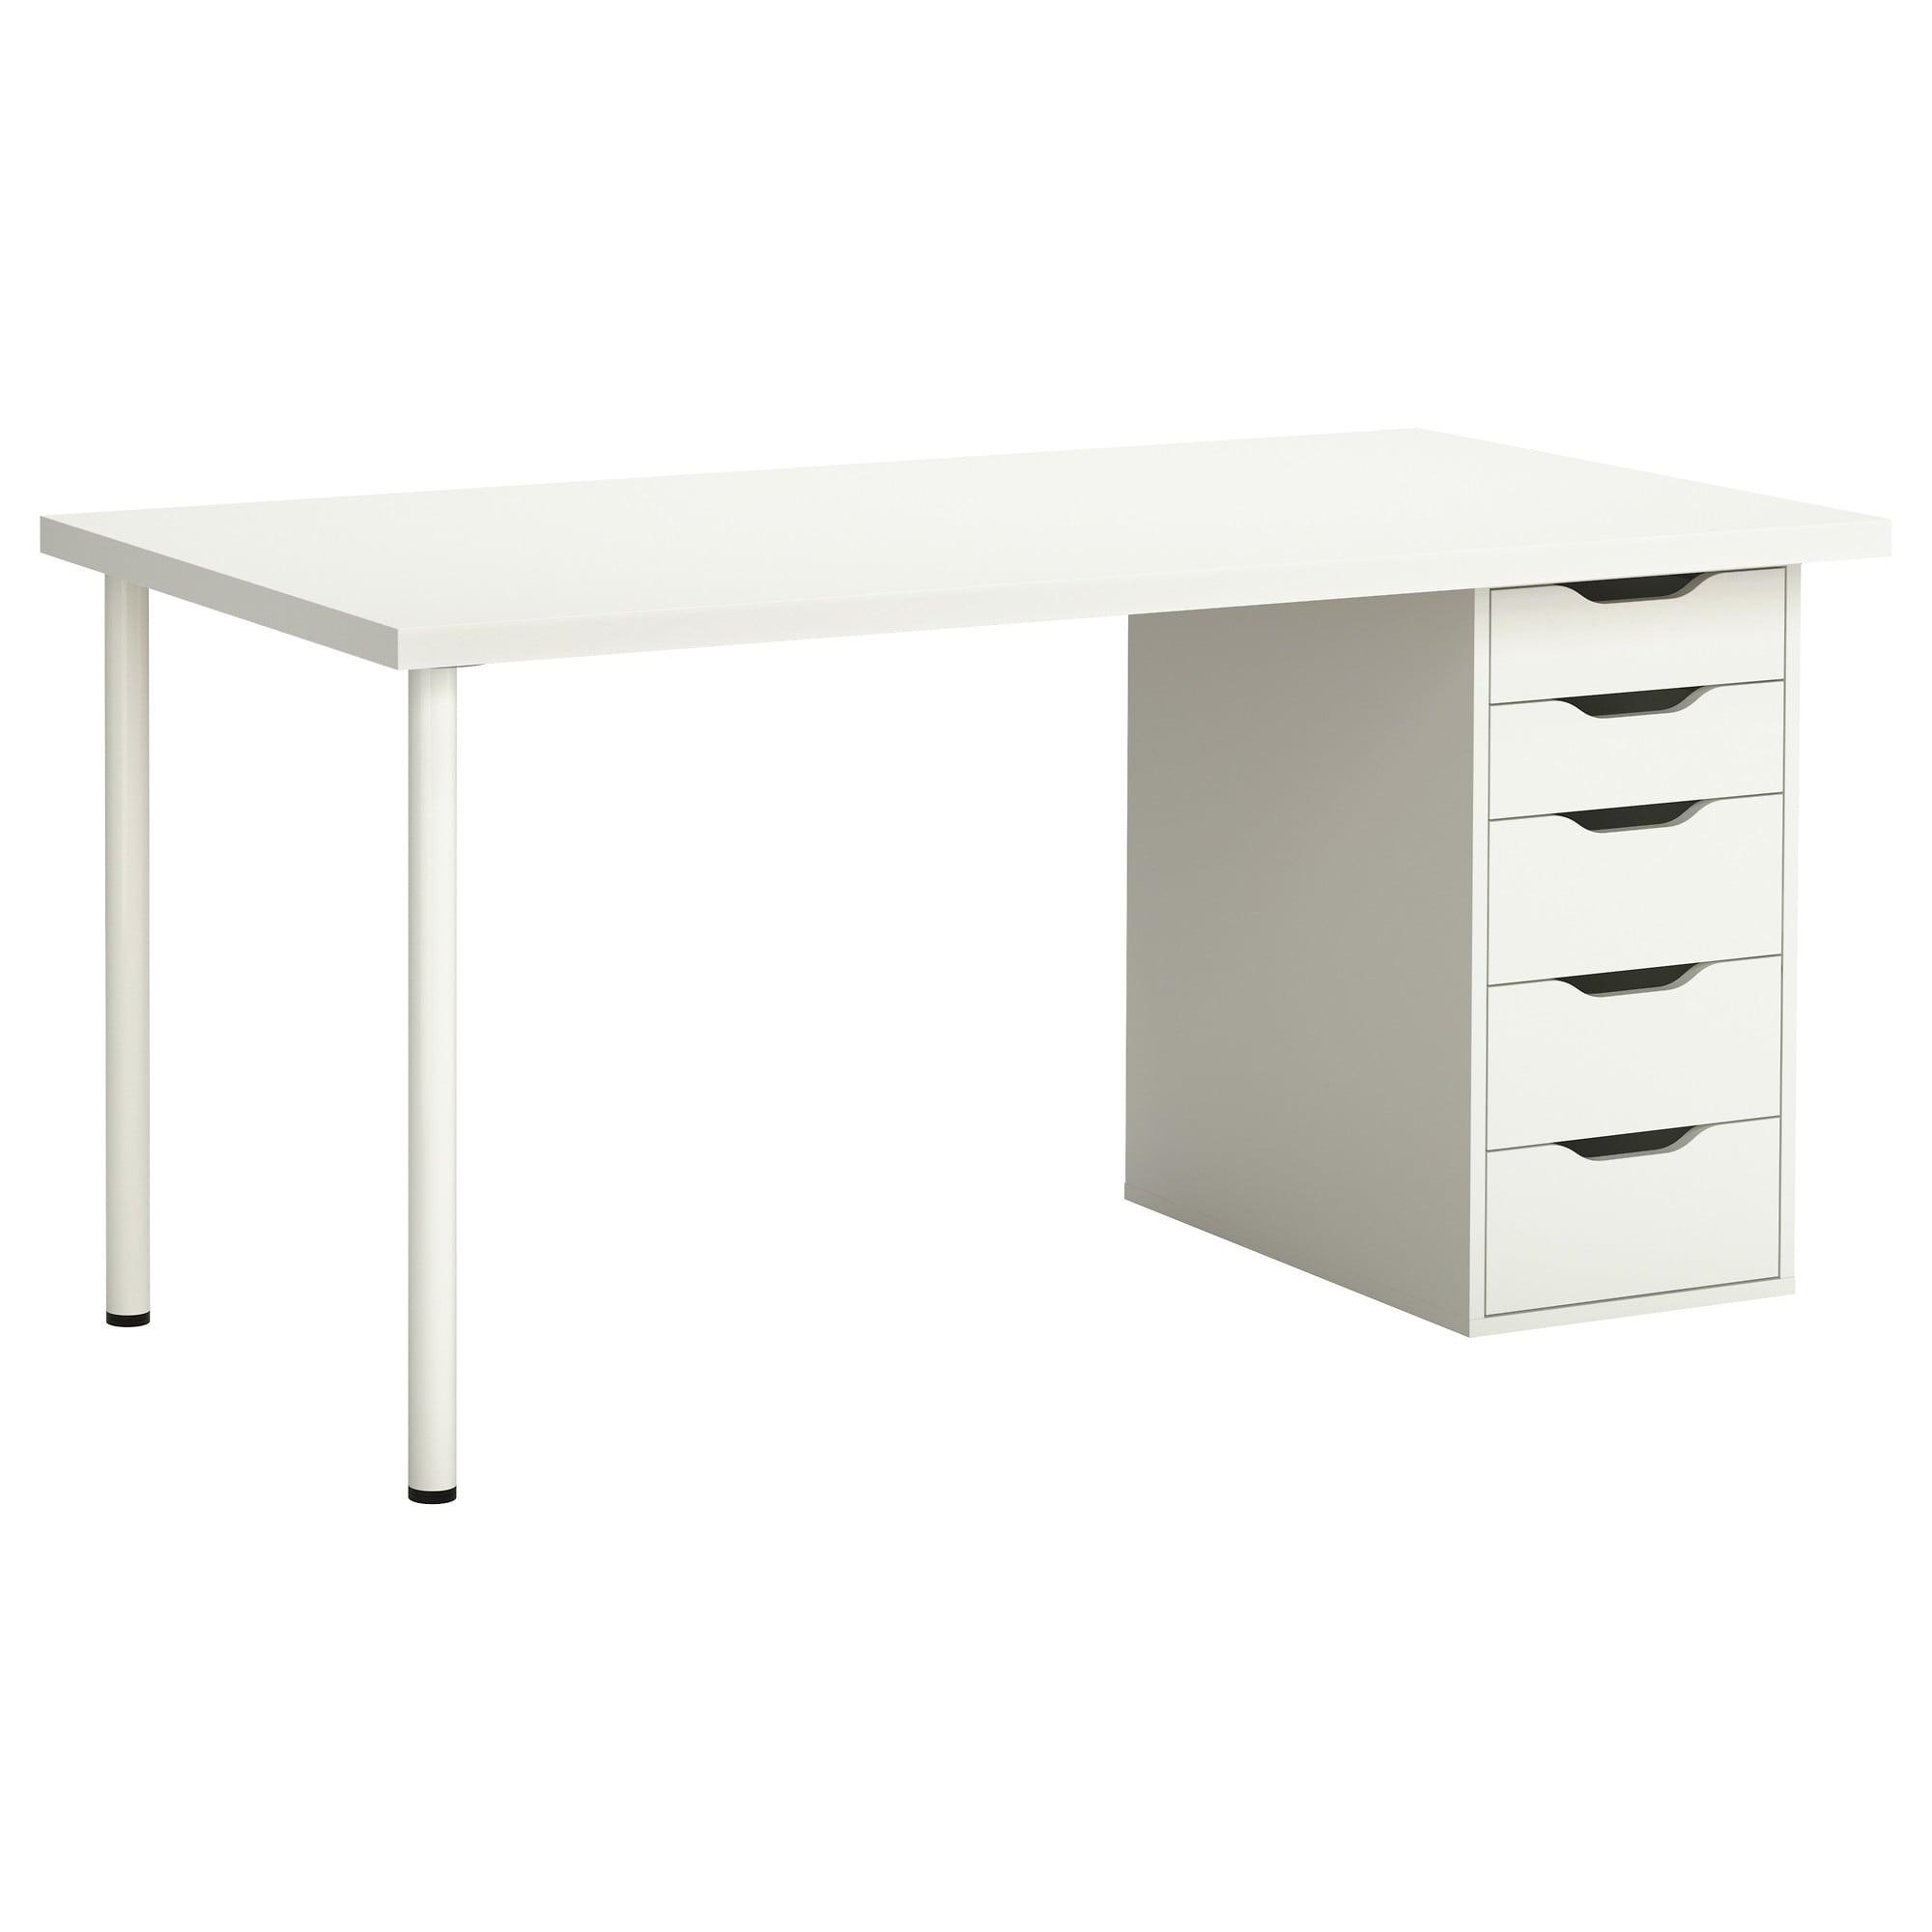 Ikea Mesas De Escritorio Jxdu Medidas Mesa Escritorio A Favor De Alex Linnmon Mesa Blanco 150 X 75